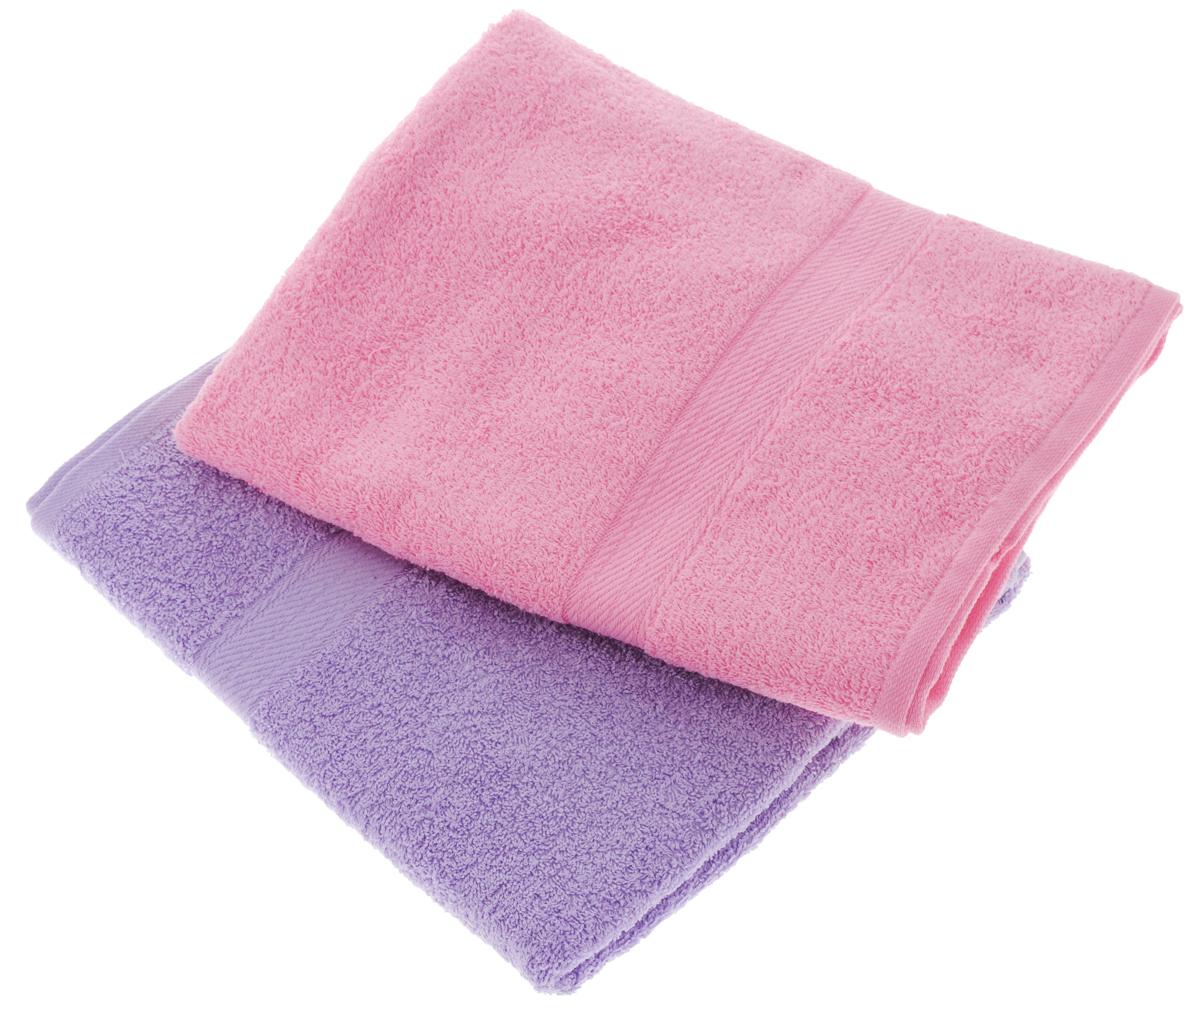 Набор махровых полотенец Aisha Home Textile, цвет: сиреневый, розовый, 70 х 140 см, 2 штУзТ-ПМ-104-05-04Набор Aisha Home Textile состоит из двух махровых полотенец, выполненных изнатурального 100% хлопка. Изделия отлично впитывают влагу, быстро сохнут,сохраняют яркость цвета и не теряют формы даже после многократных стирок. Полотенца Aisha Home Textile очень практичны и неприхотливы в уходе.Комплектация: 2 шт.